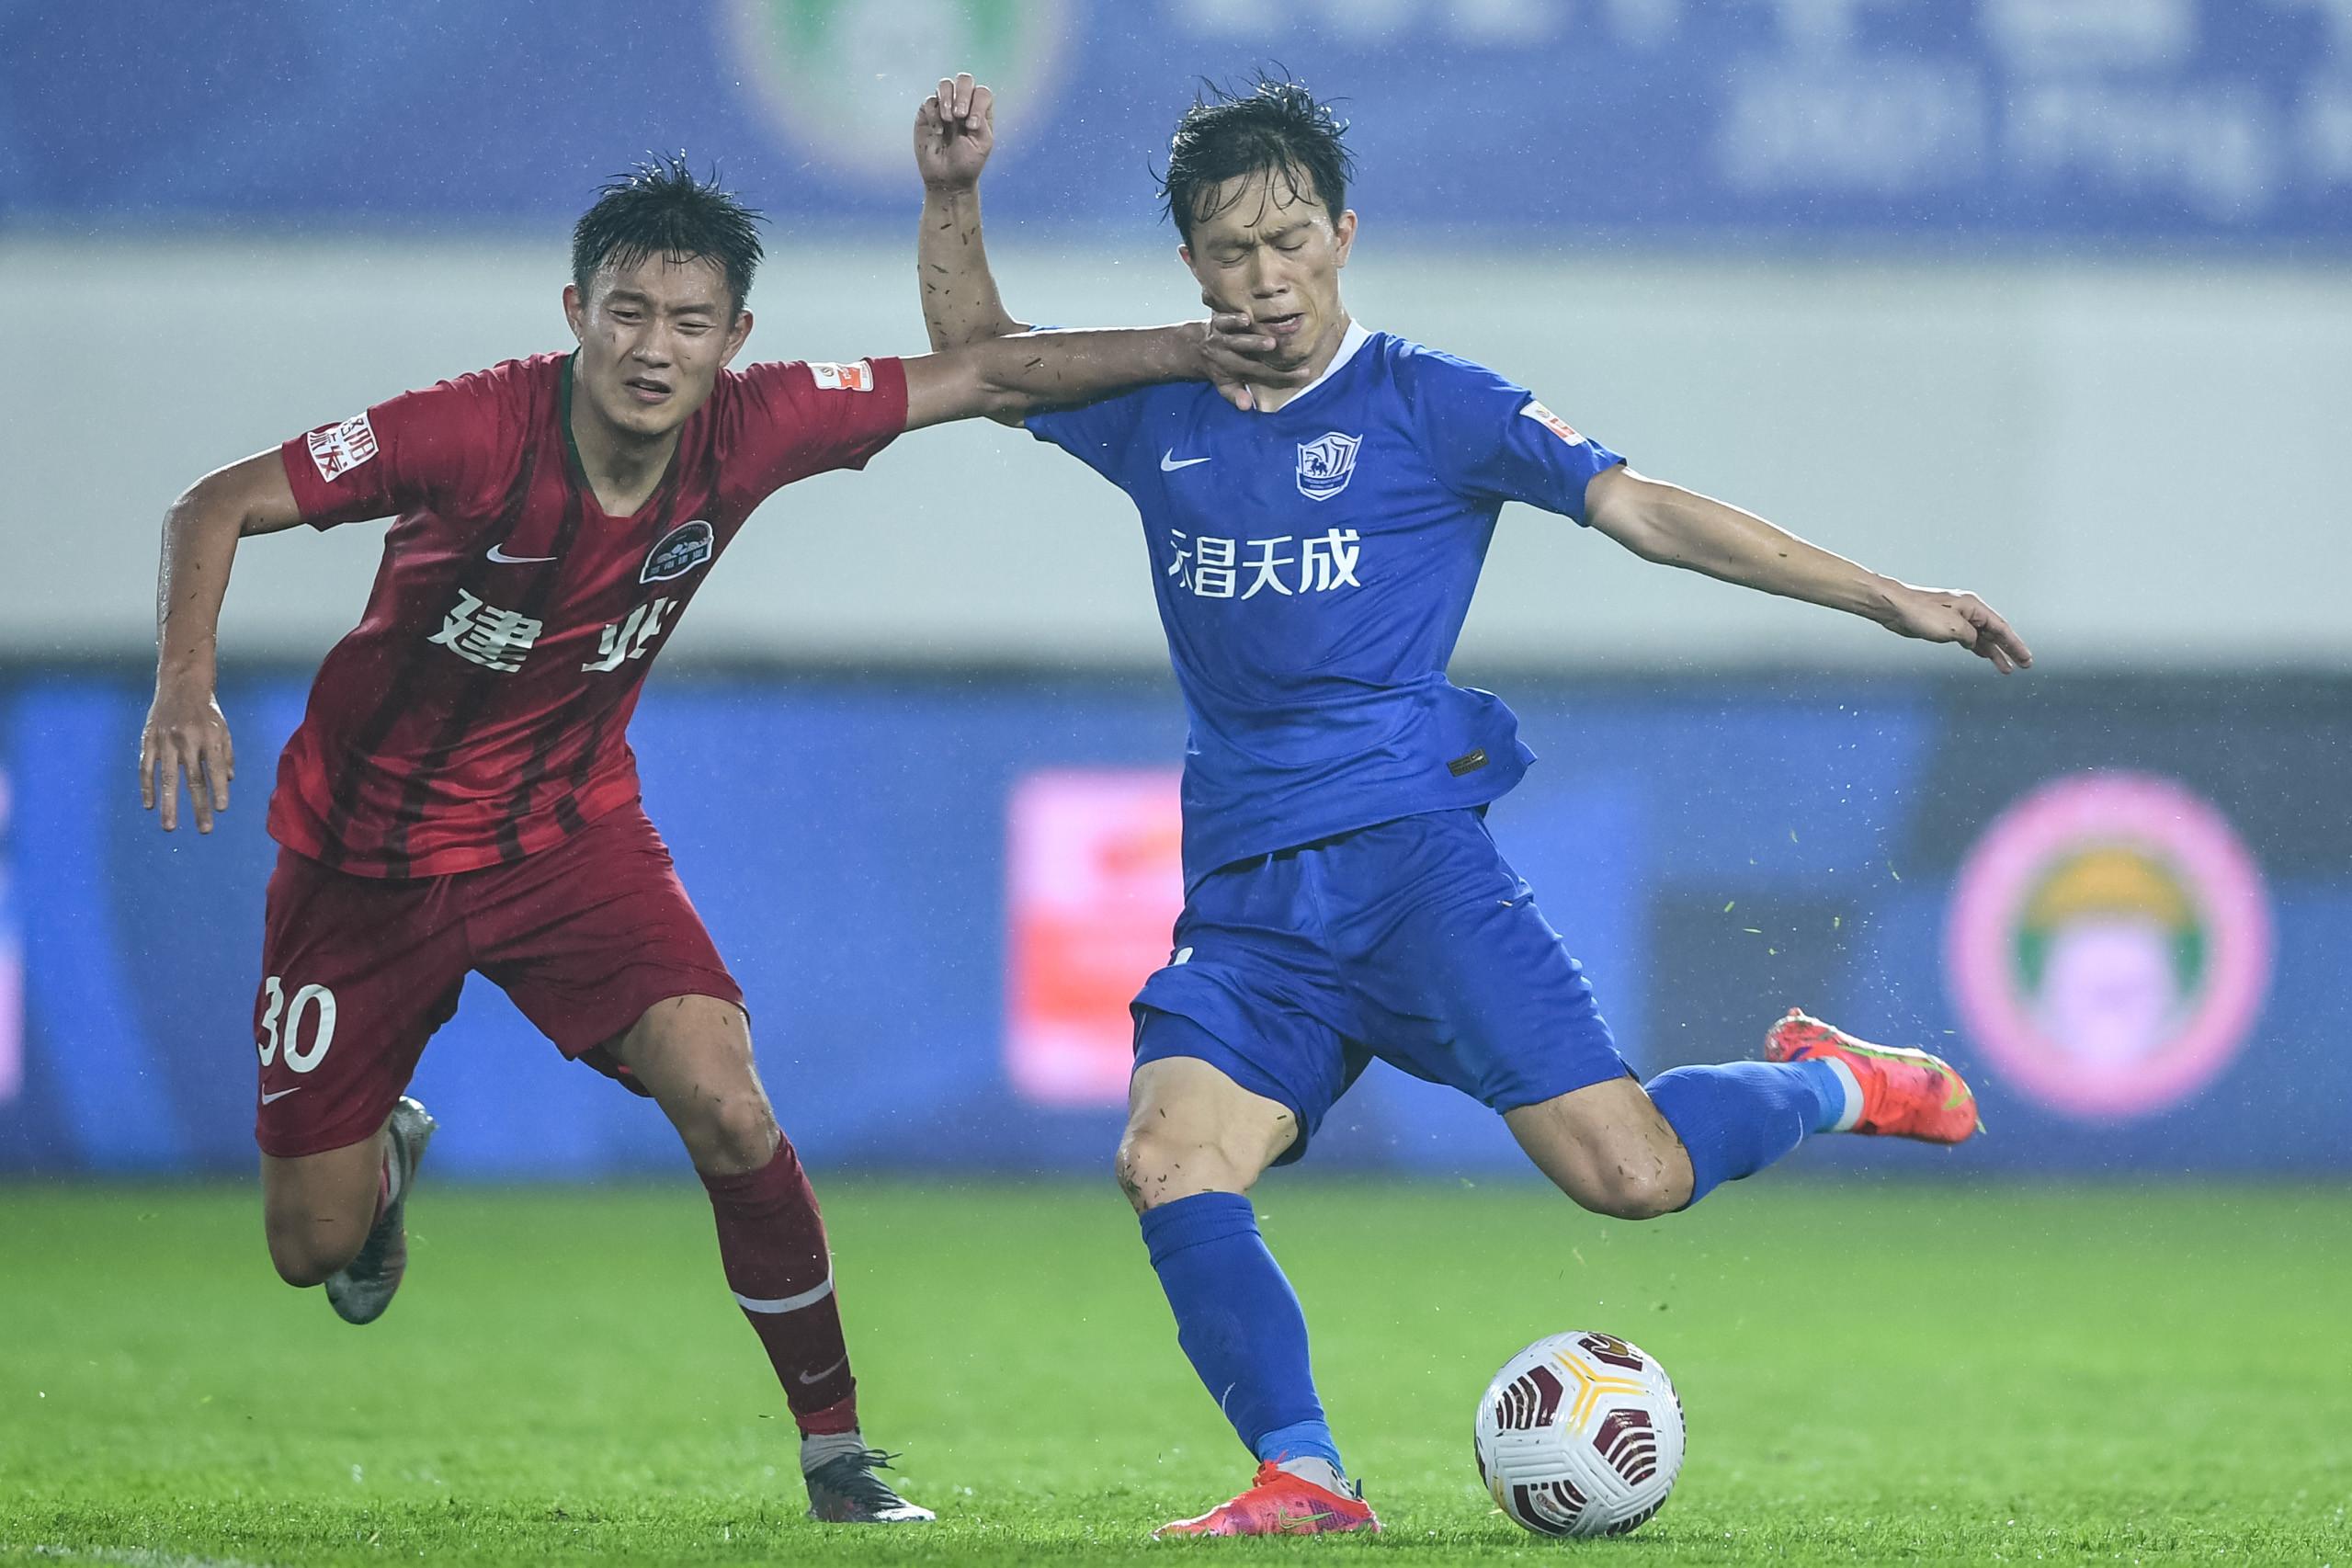 沧州和河南的比赛乏善可陈。